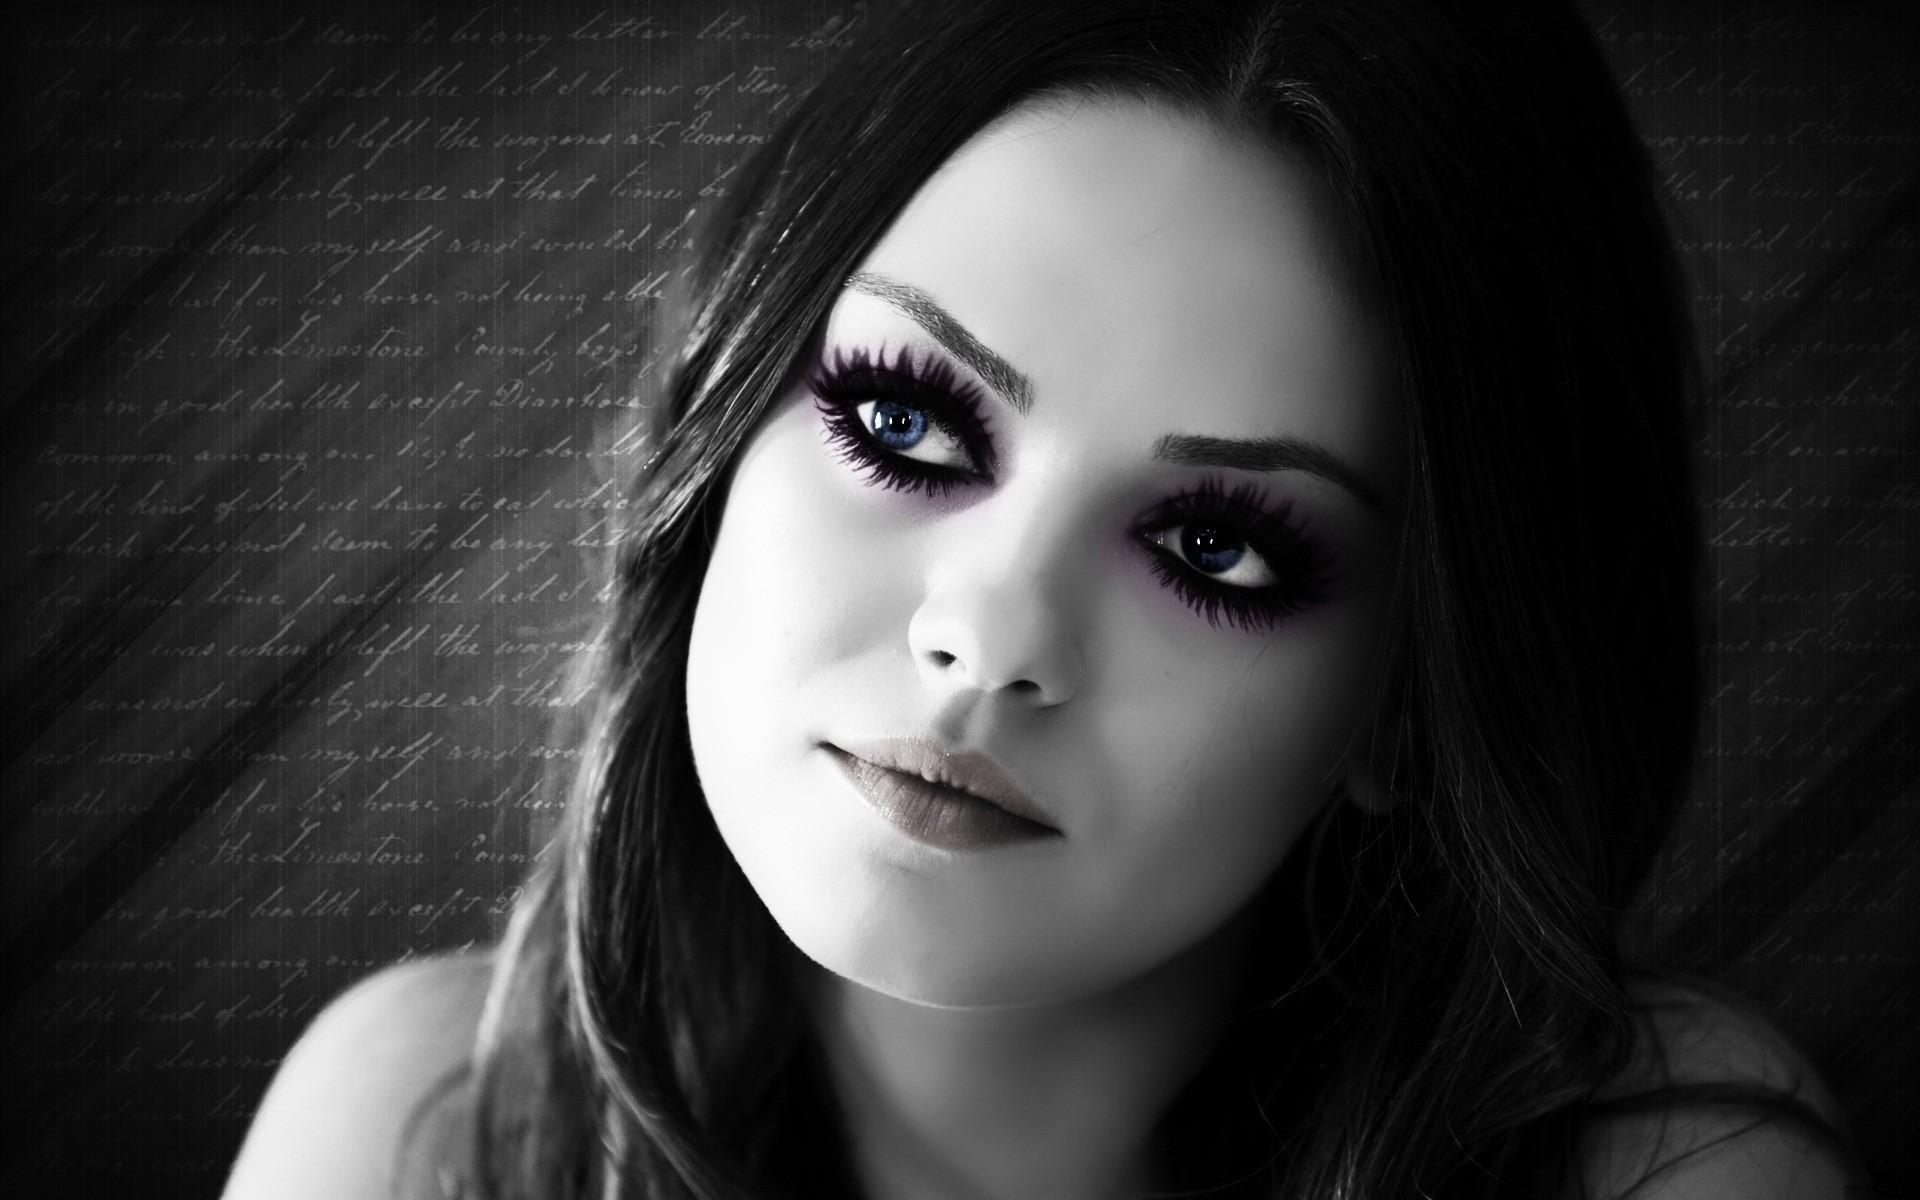 Фото красивое девушек черно белое секс 11 фотография